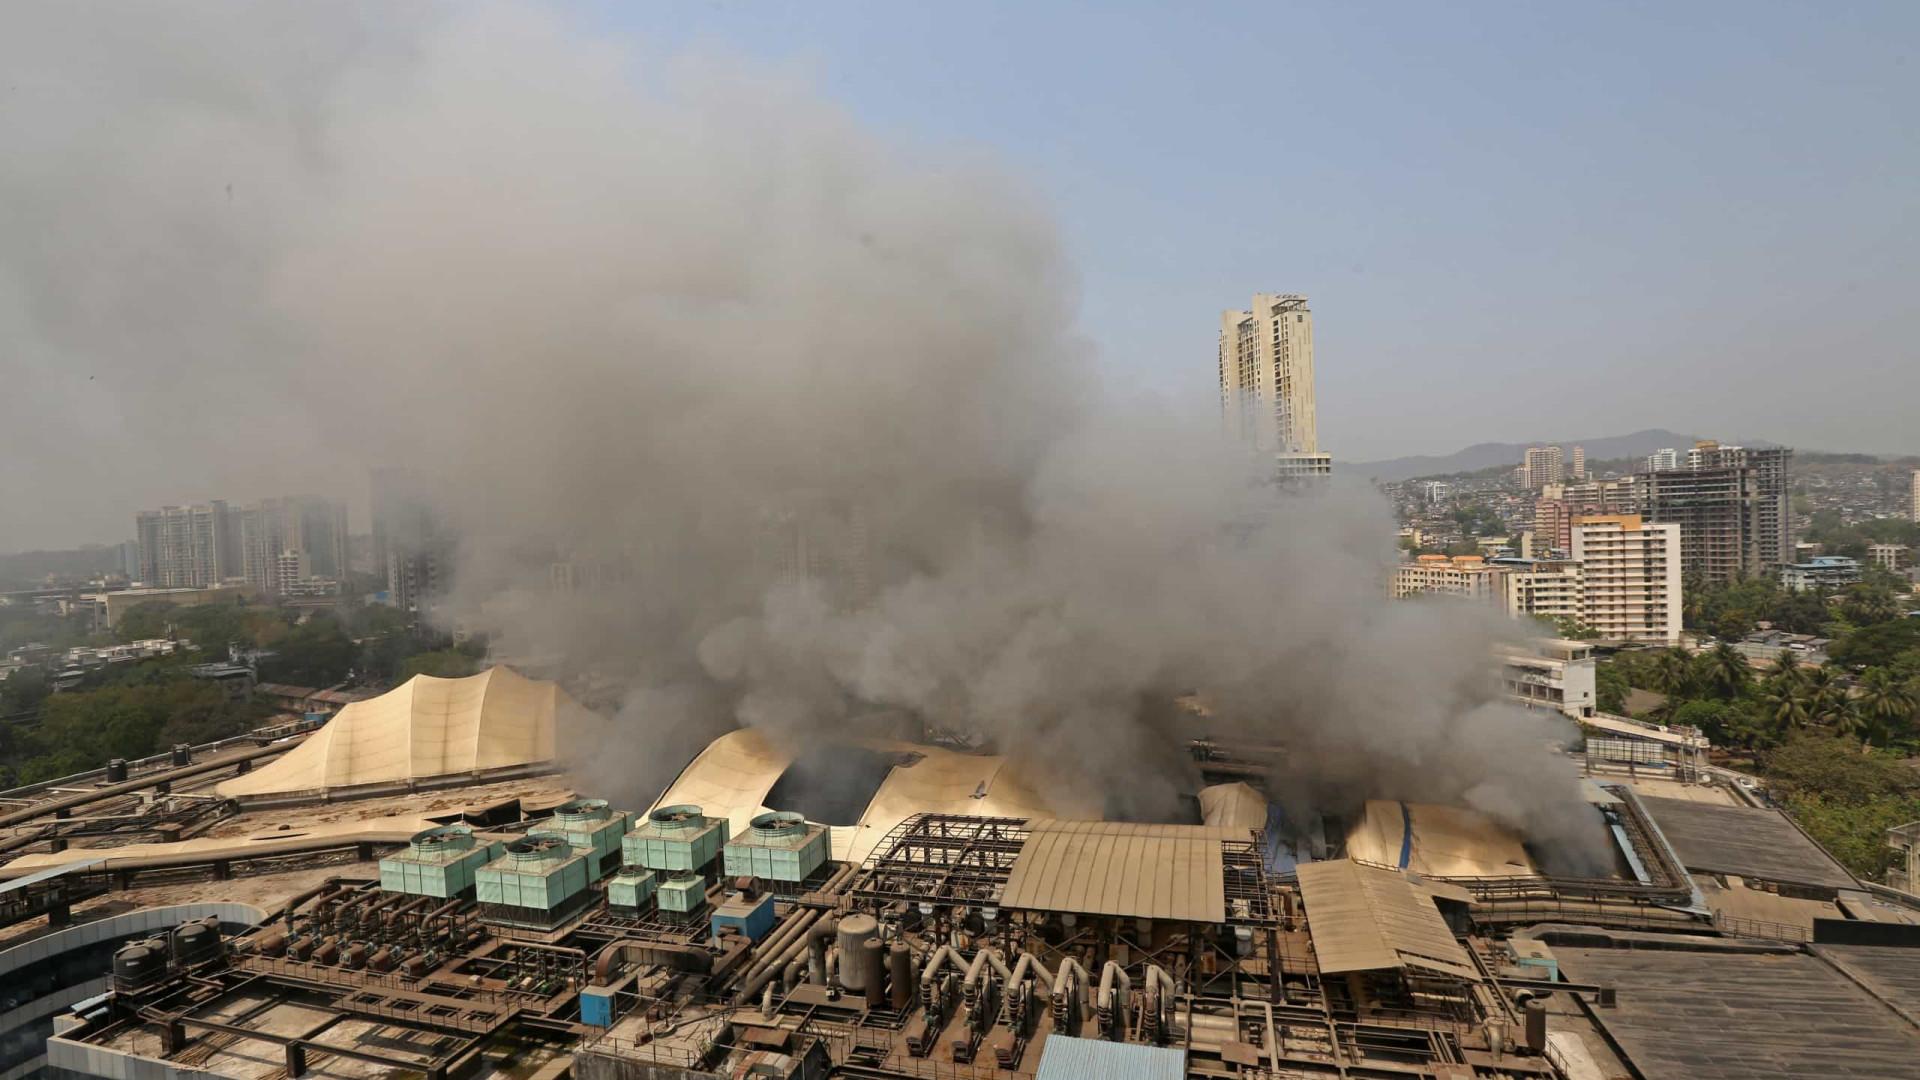 Dez pessoas morrem durante incêndio em hospital na Índia